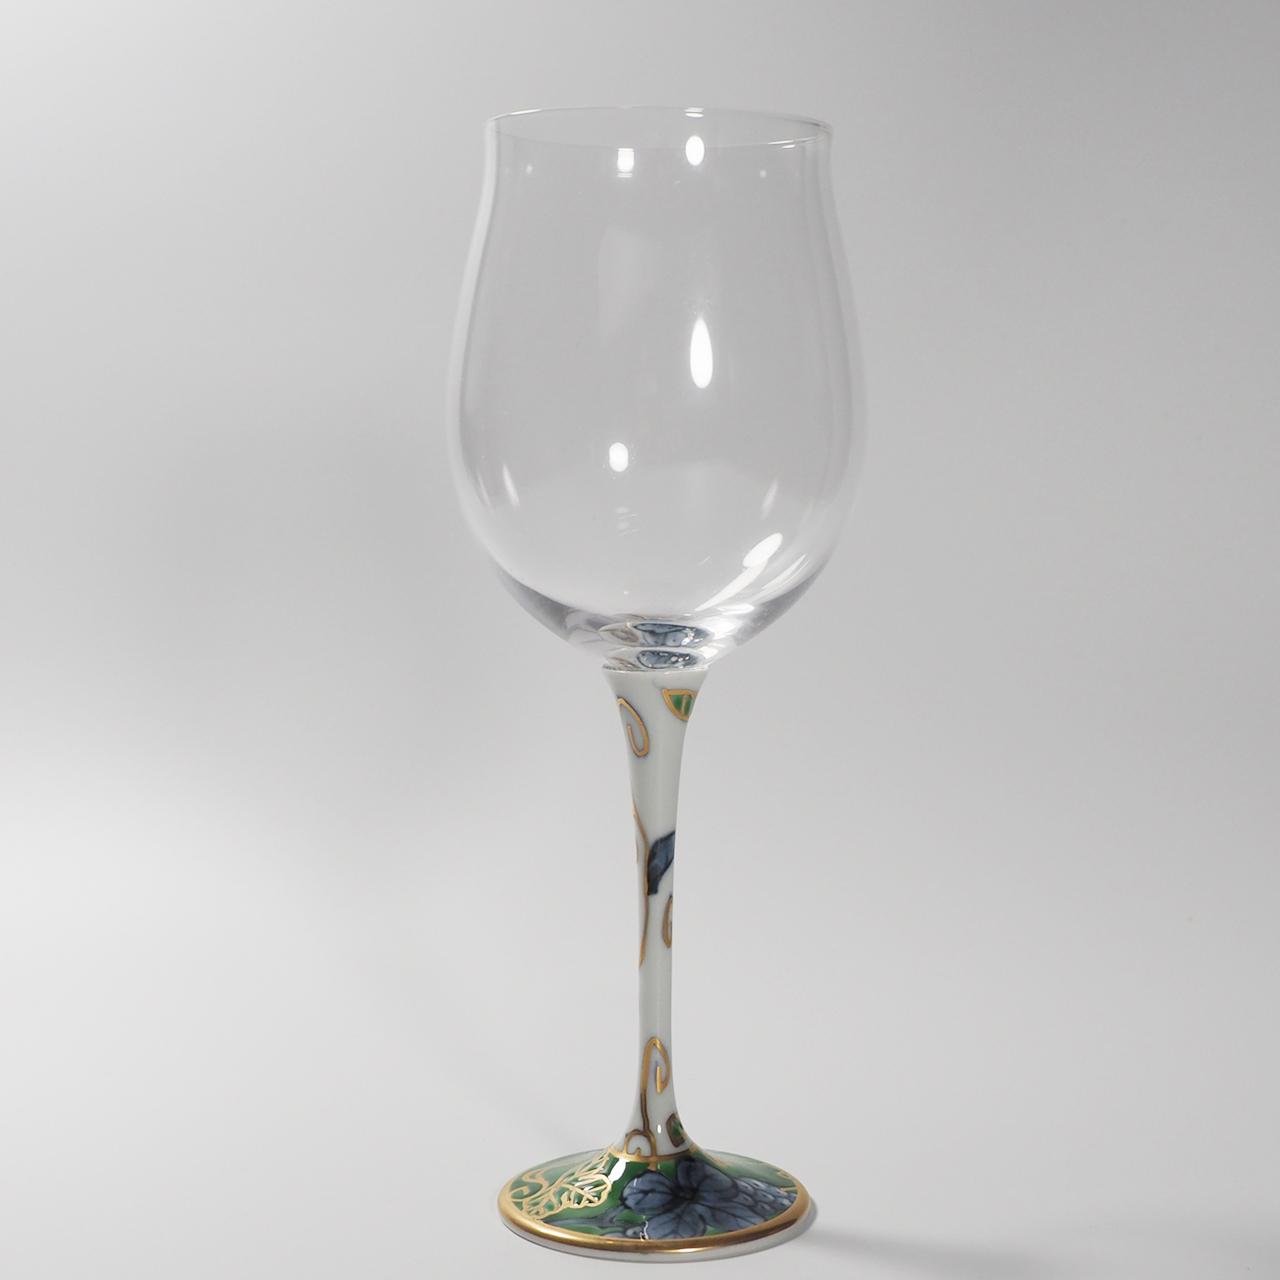 ハイレッグワイングラス(小) (染錦葡萄グリーン) 20-007-C